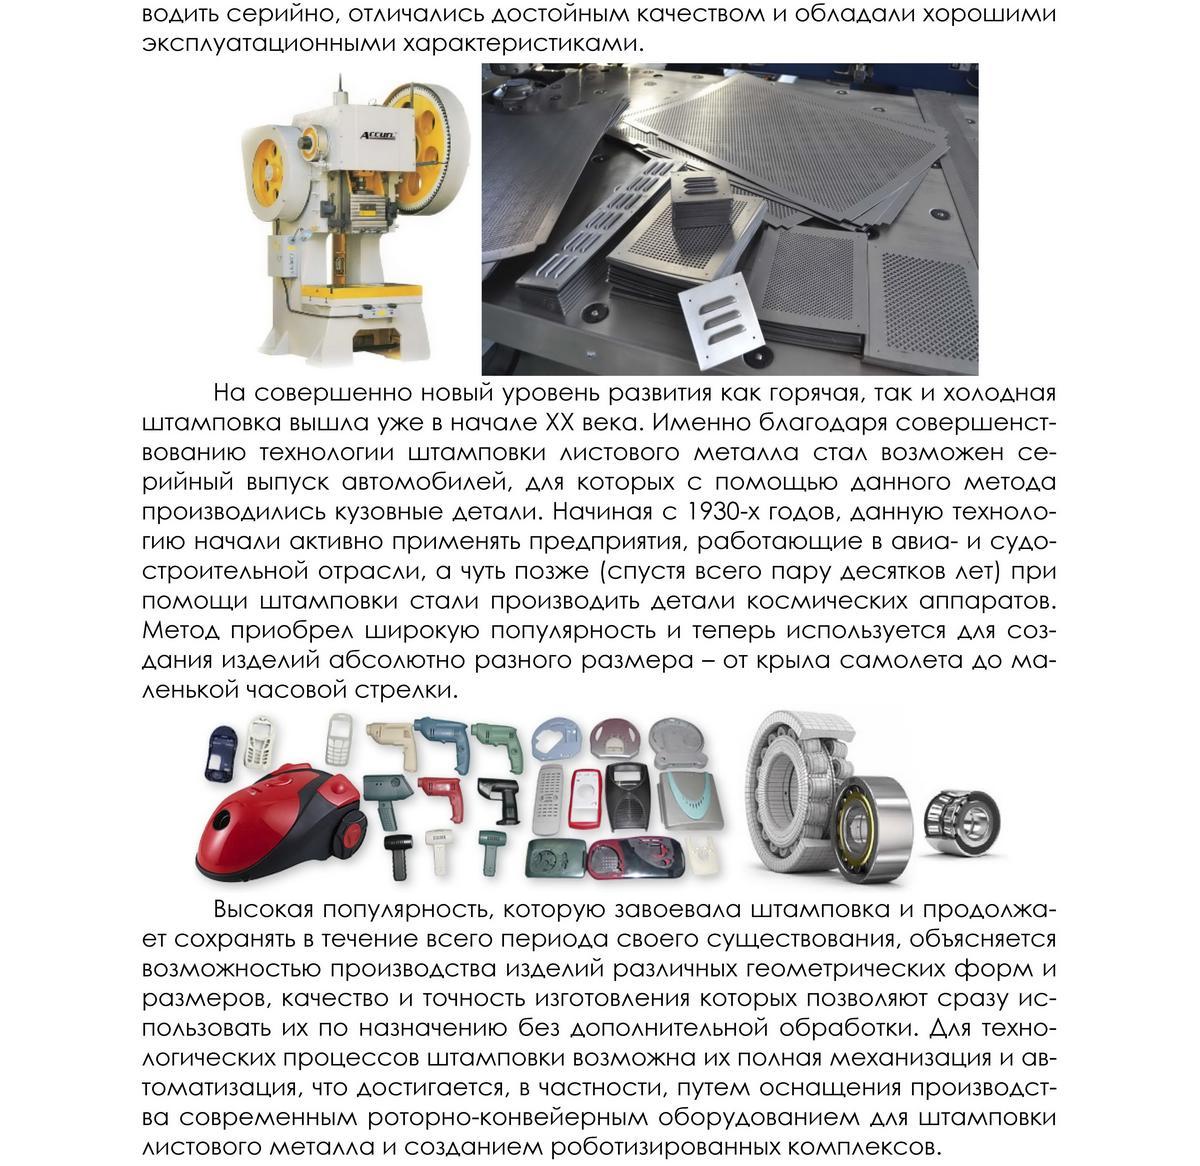 """Давленец в XXI веке - специальность """"машины и технология о бработки 2"""